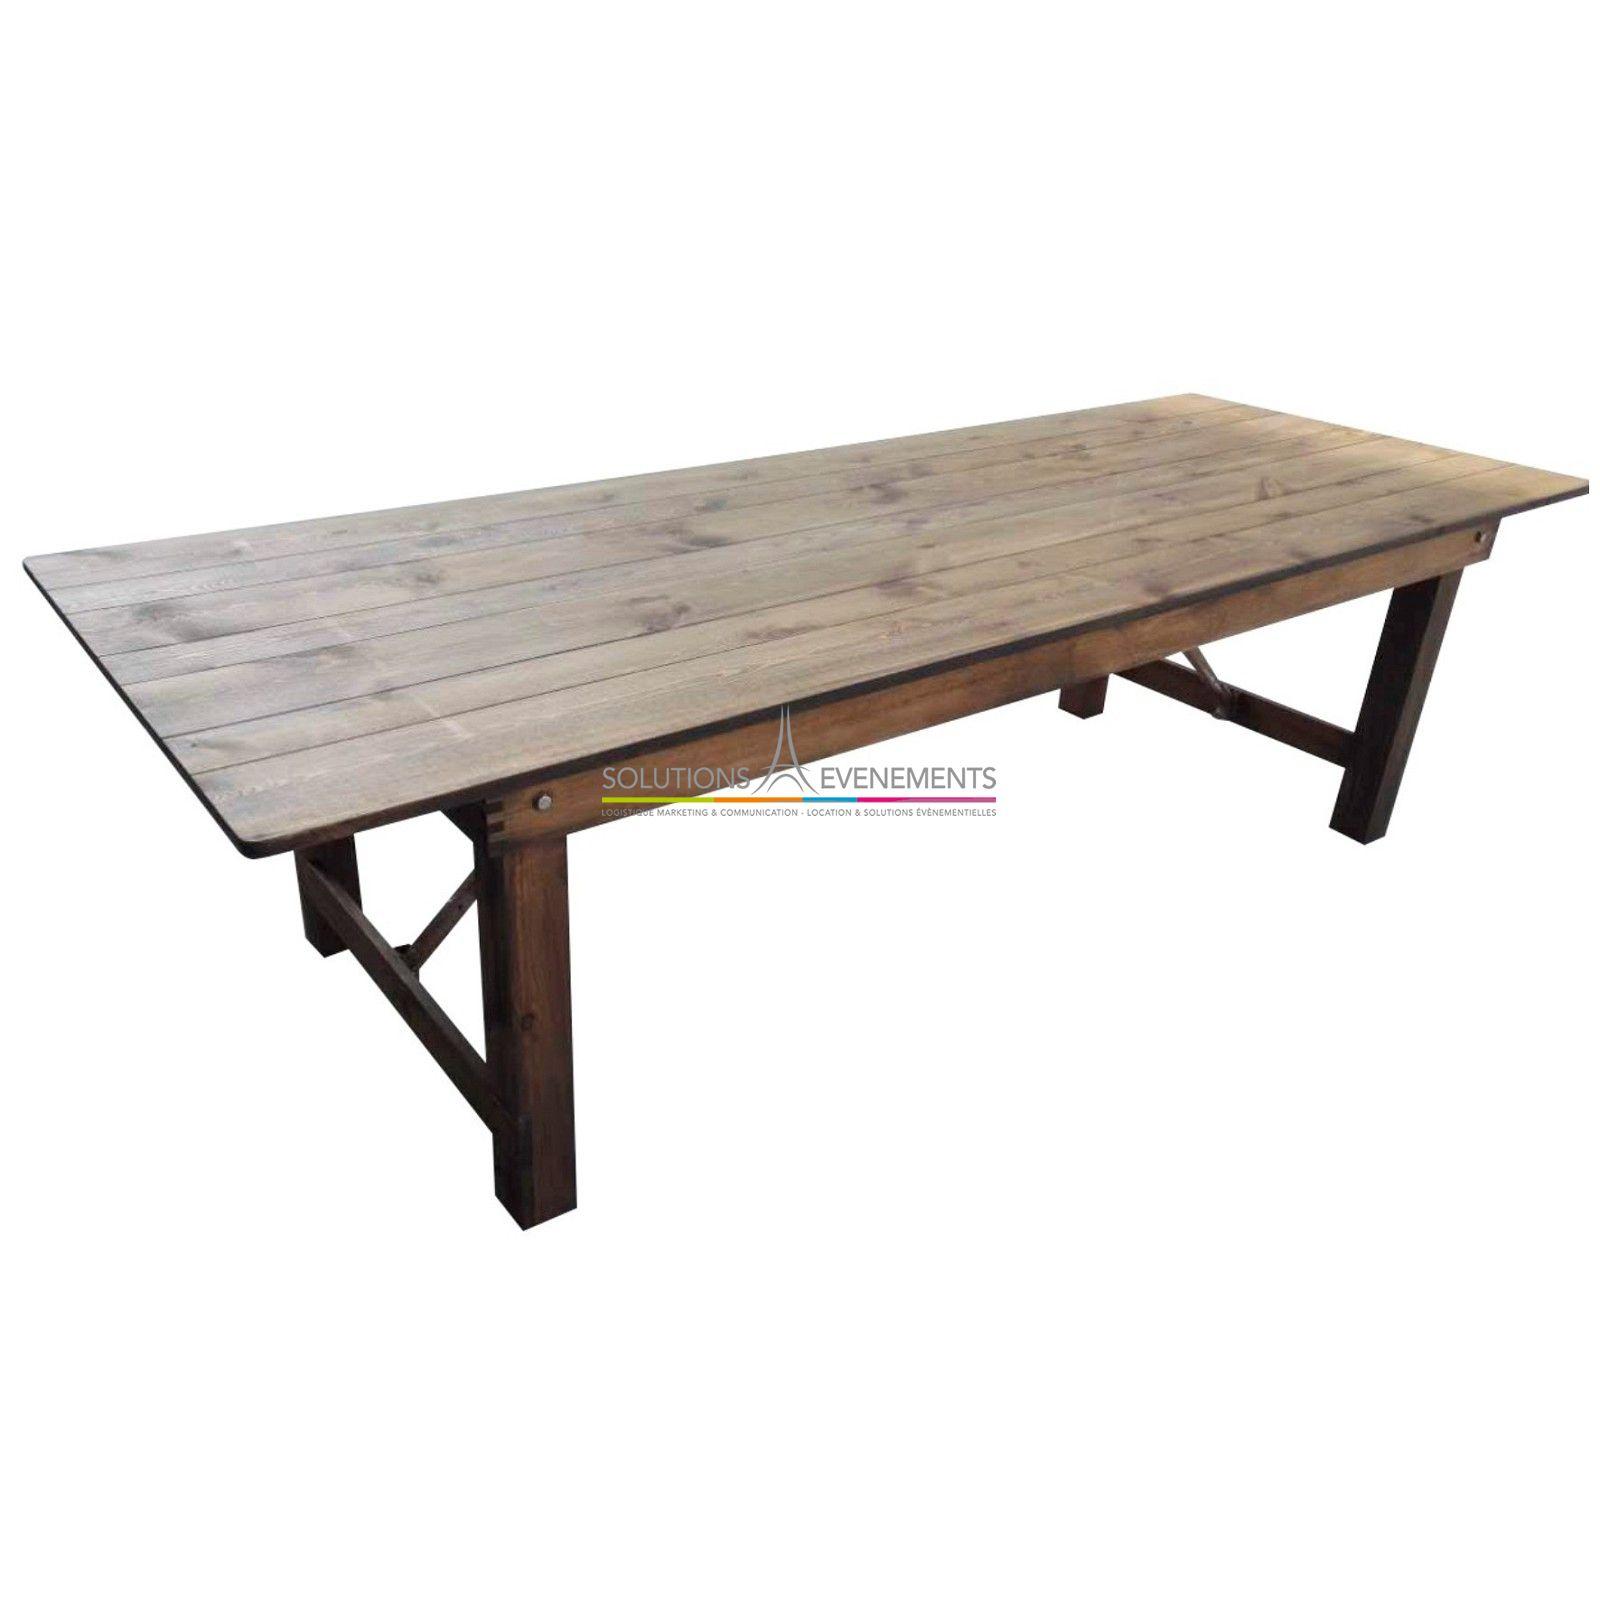 table vintage rectangulaire en bois pour 10 personnes - Mobilier Vintage Paris